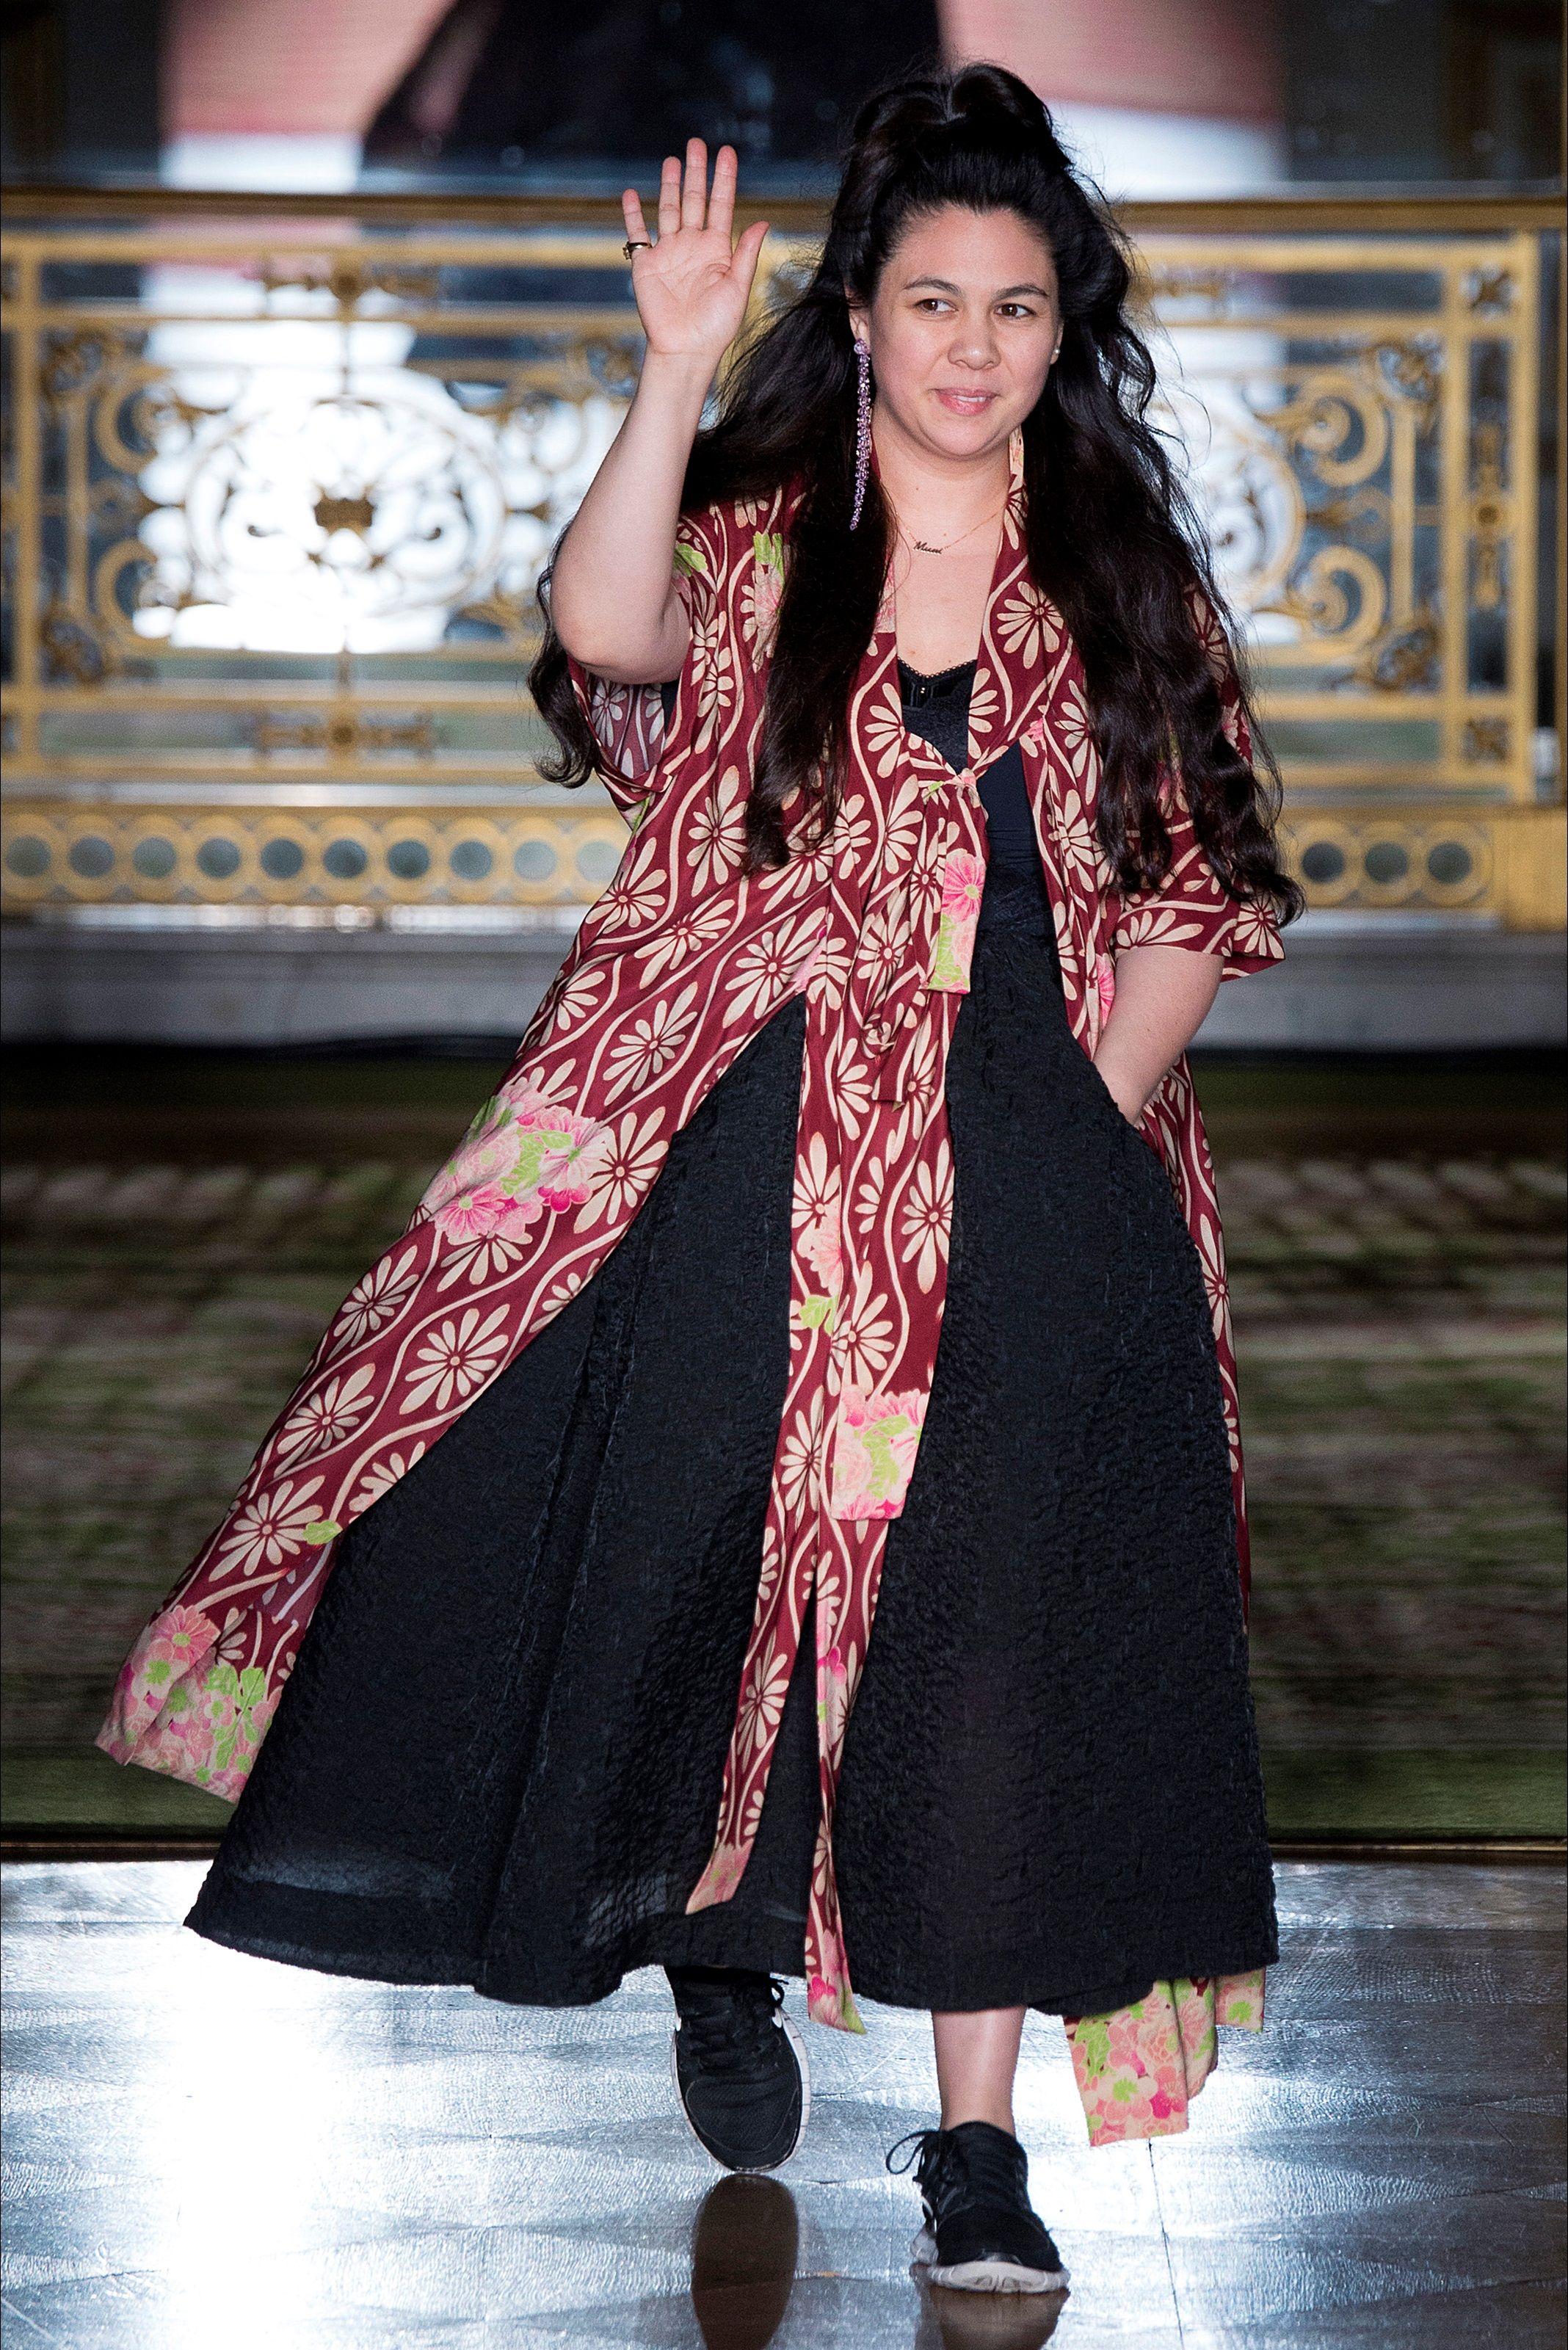 Guarda la sfilata di moda Simone Rocha a Londra e scopri la collezione di abiti e accessori per la stagione Collezioni Autunno Inverno 2016-17.